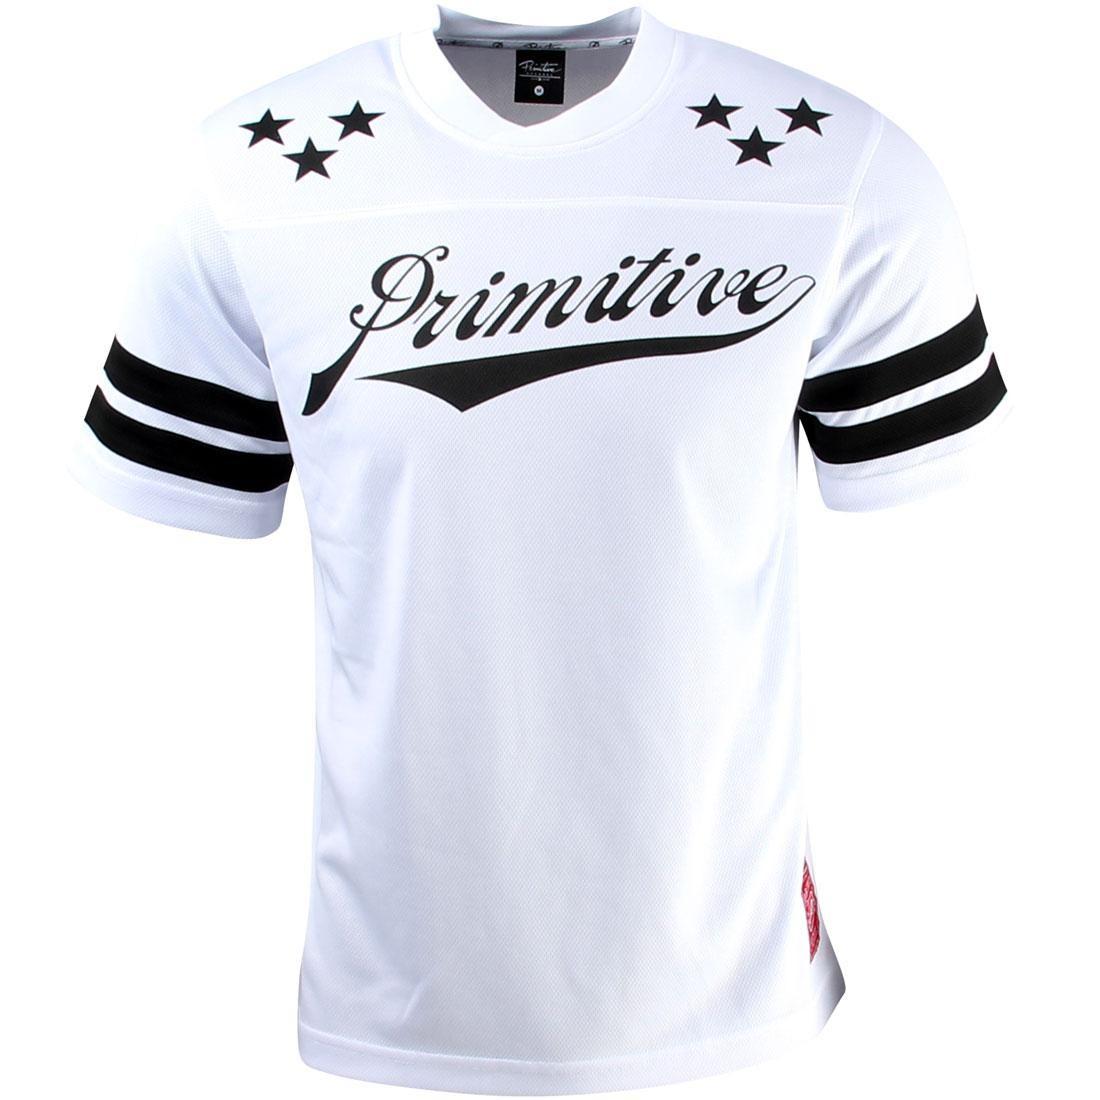 【海外限定】サッカー メンズファッション カジュアルシャツ 【 SOCCER PRIMITIVE ALL STAR SHIRT WHITE 】